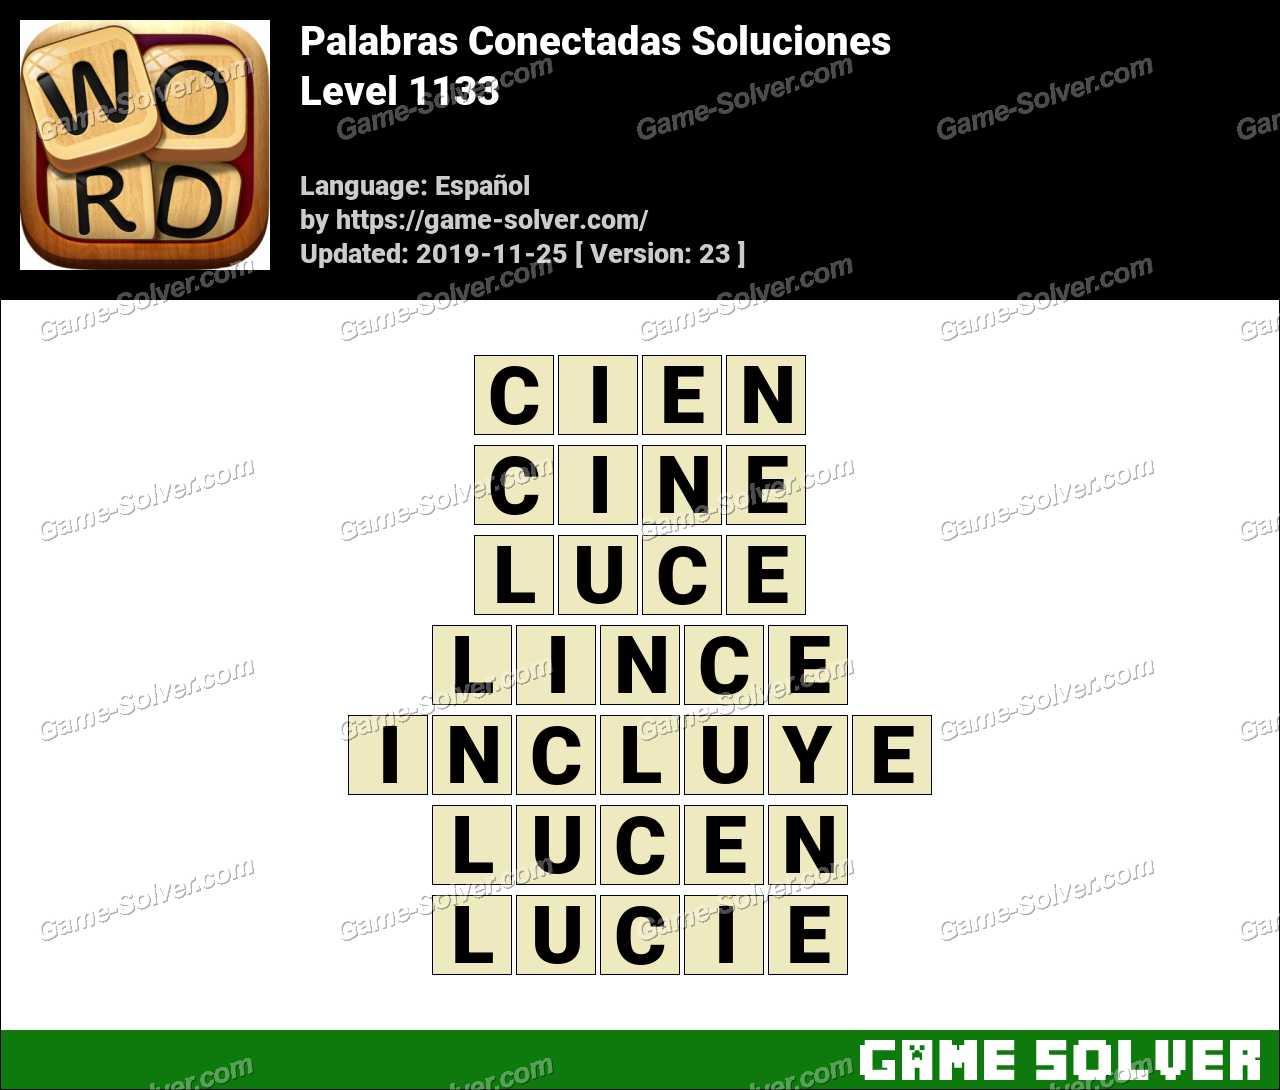 Palabras Conectadas Nivel 1133 Soluciones